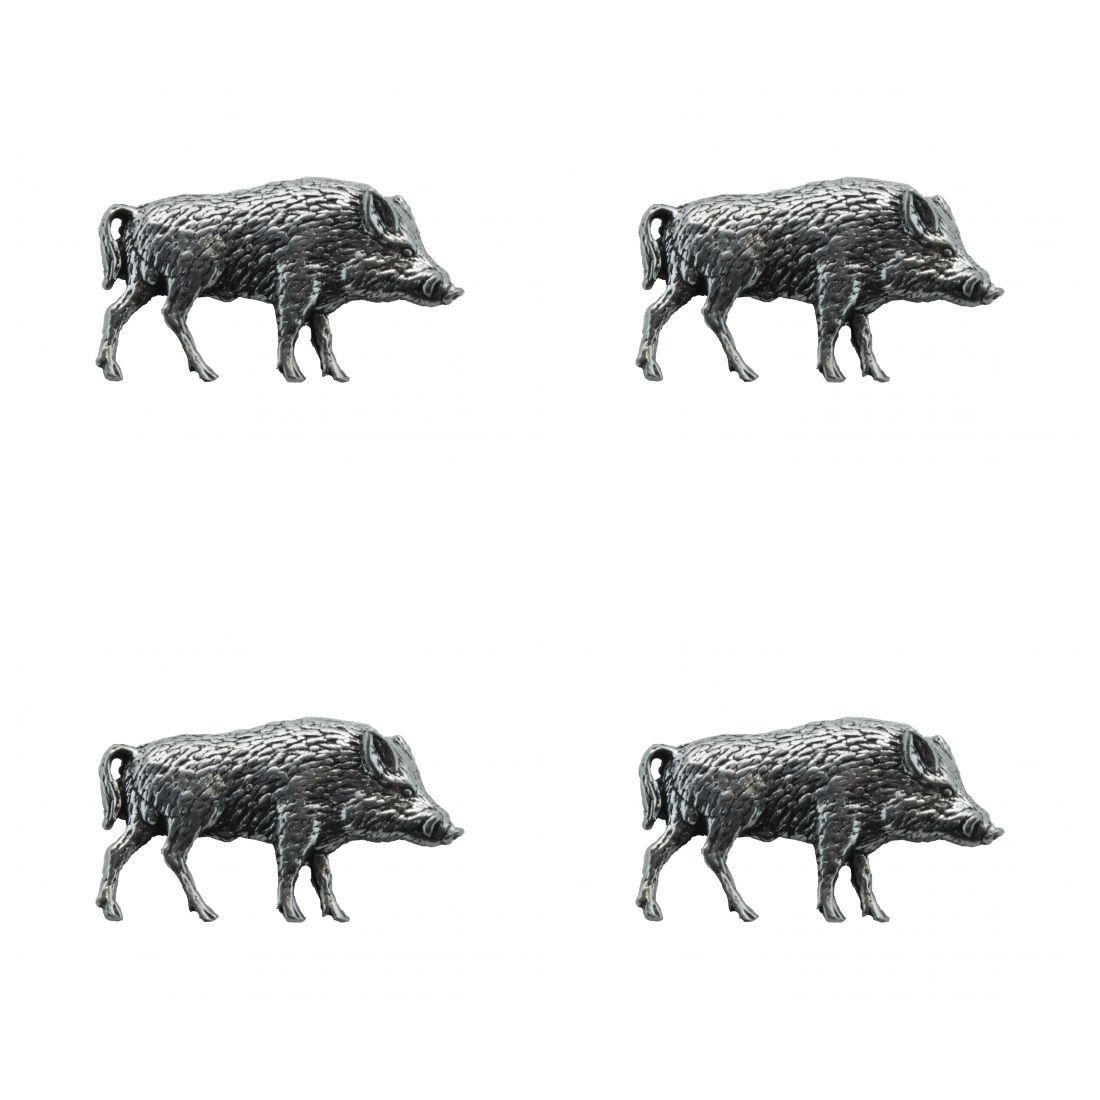 4x Pin Anstecker Badge Wildschwein, 1,9x3,4cm